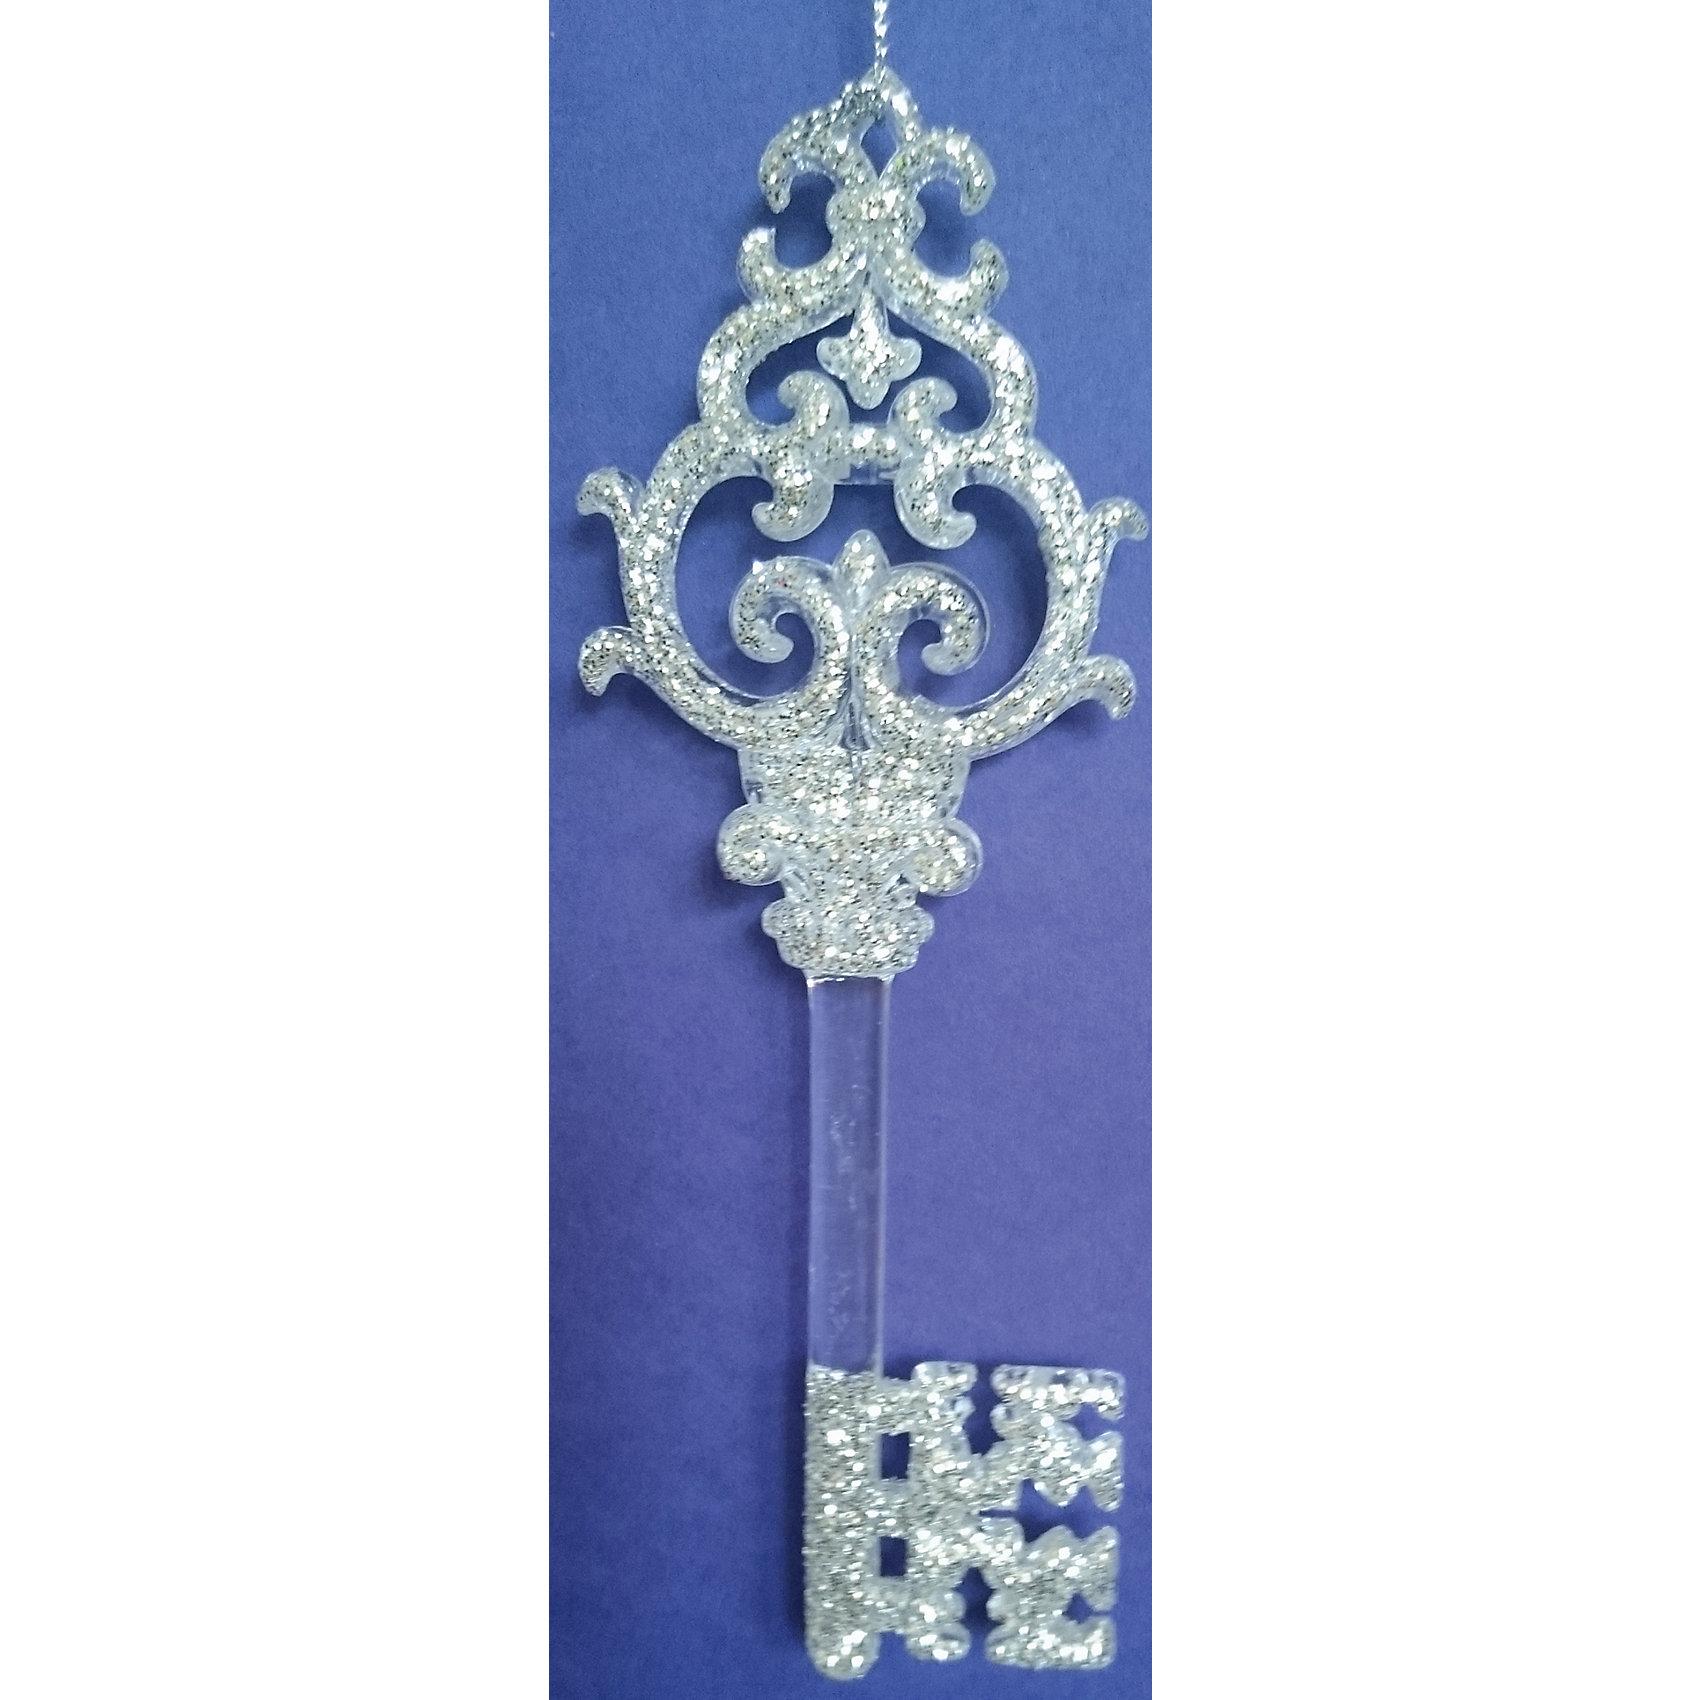 Magic Time Украшение Ключики в серебре в каком магазине в бибирево можно купить дшево косметику dbib